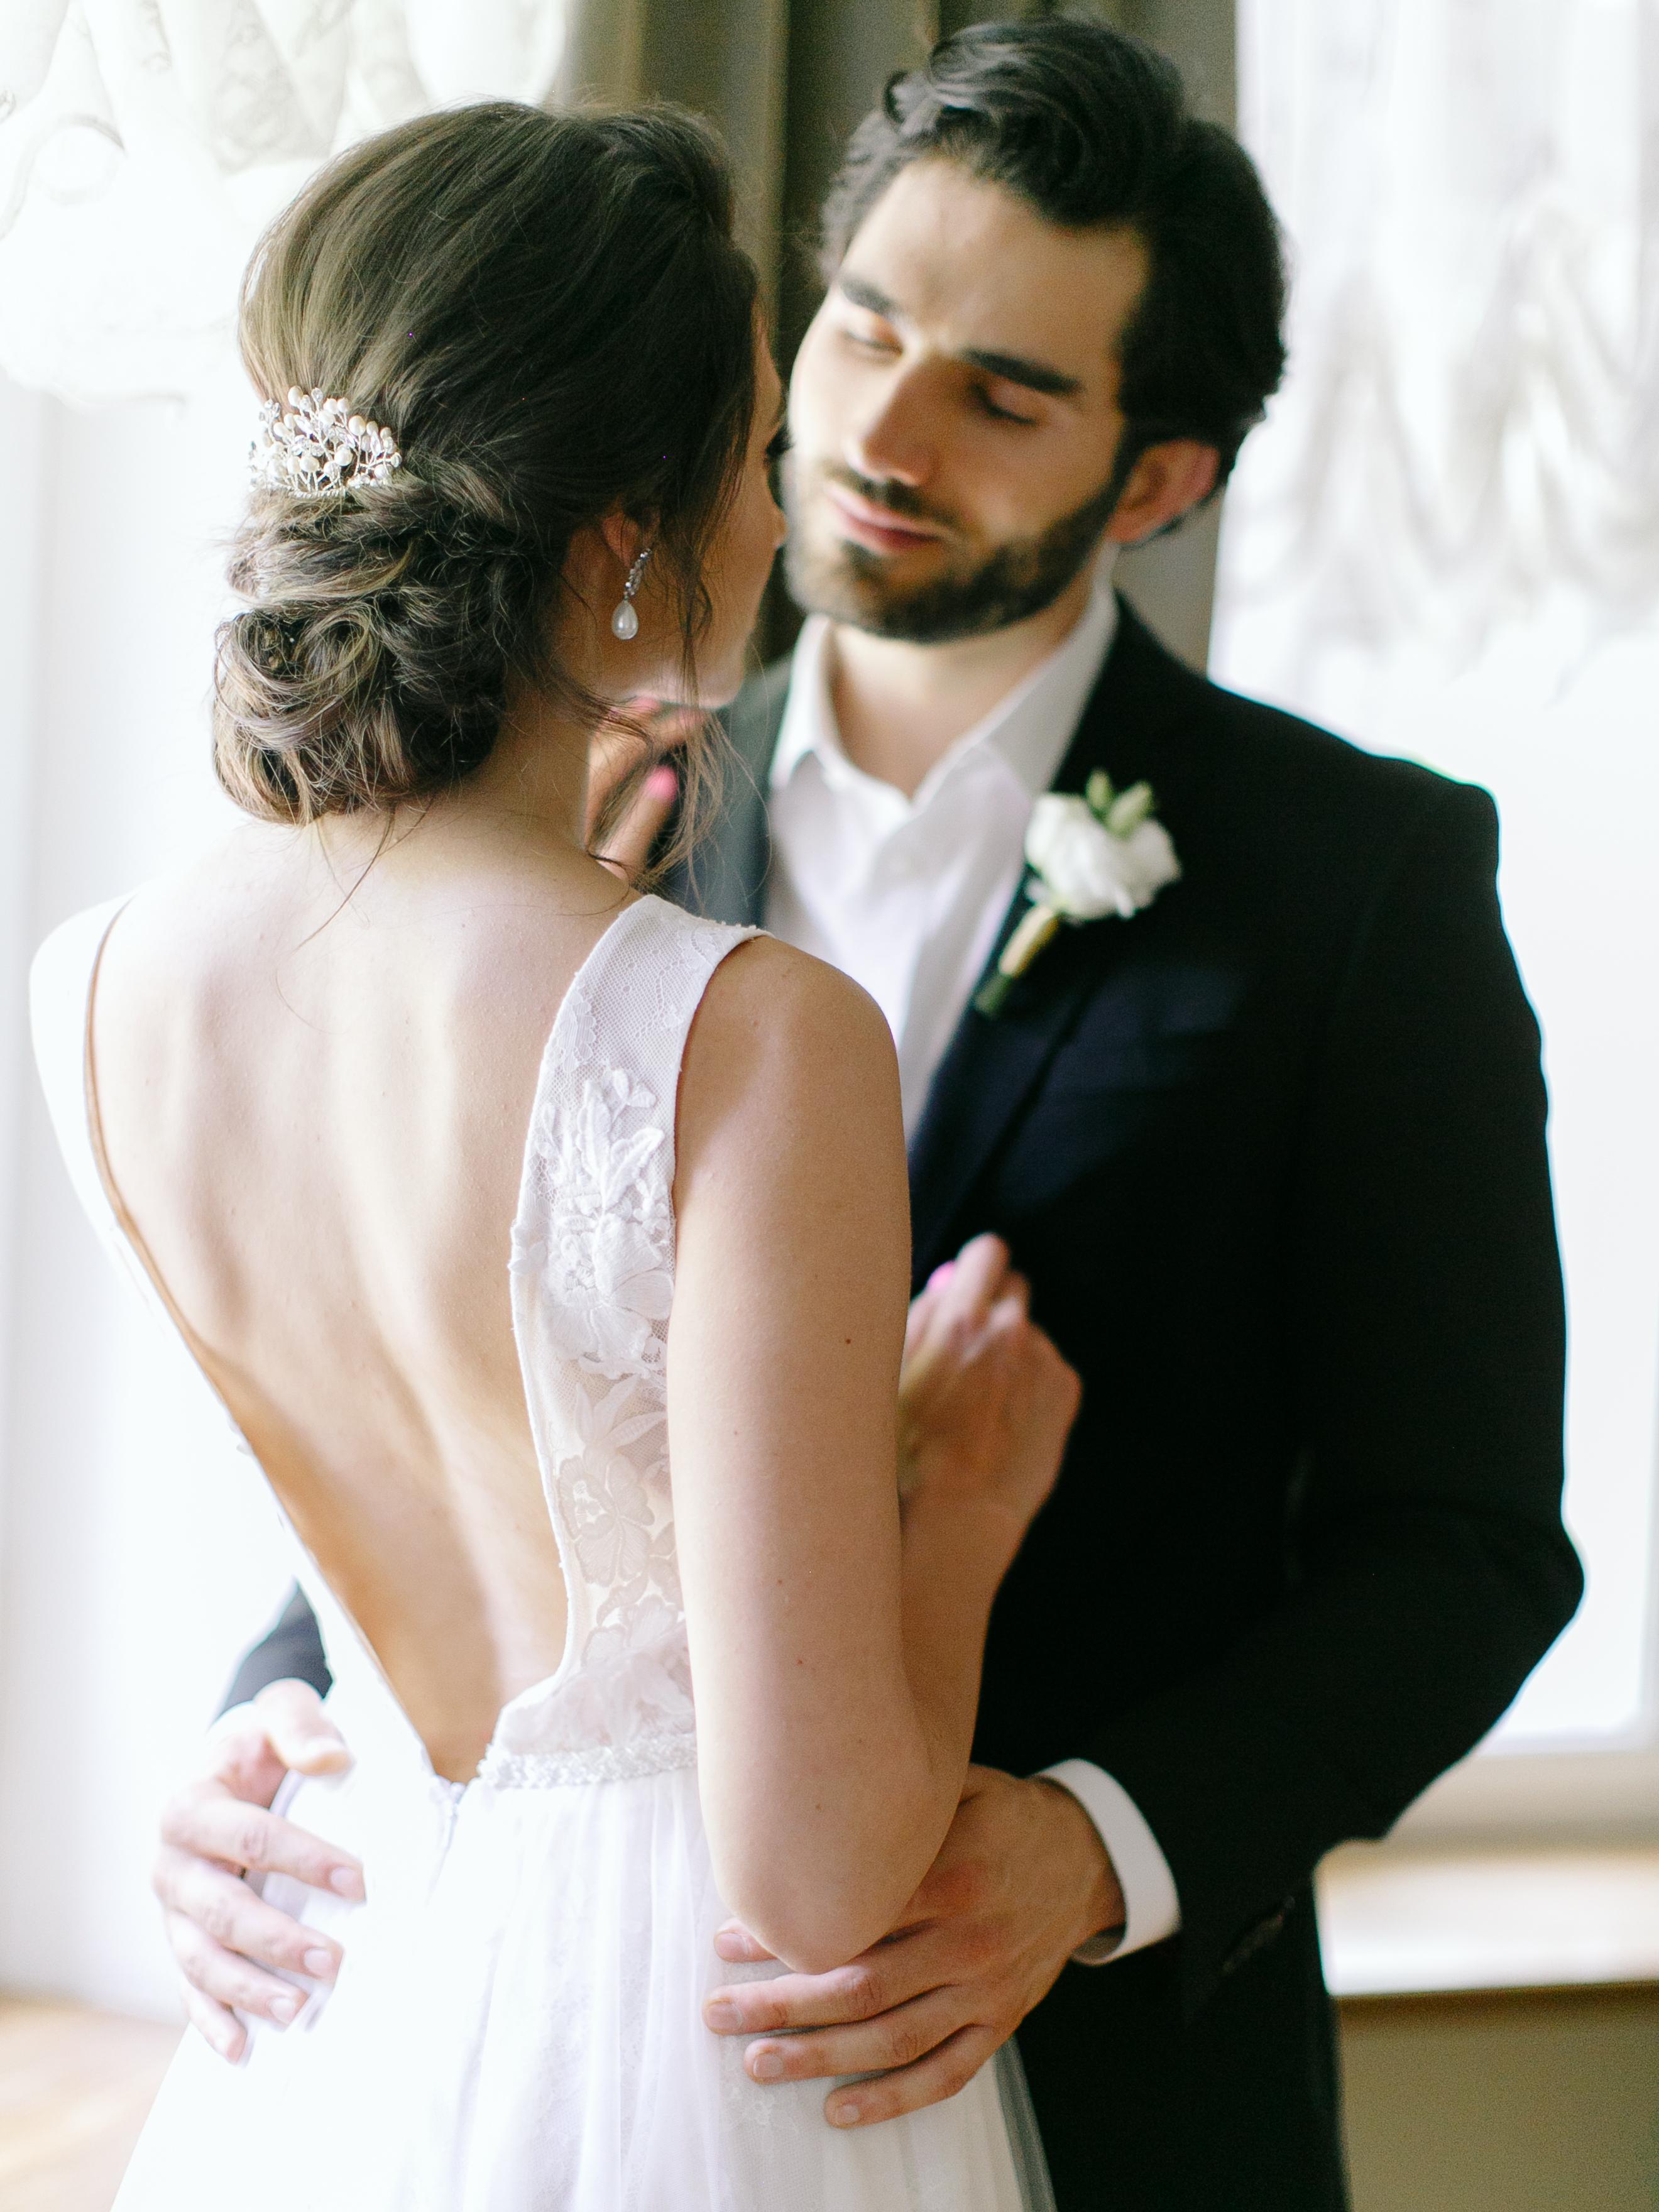 Fryzury ślubne W Stylu Retro Moc Cudownych Inspiracji